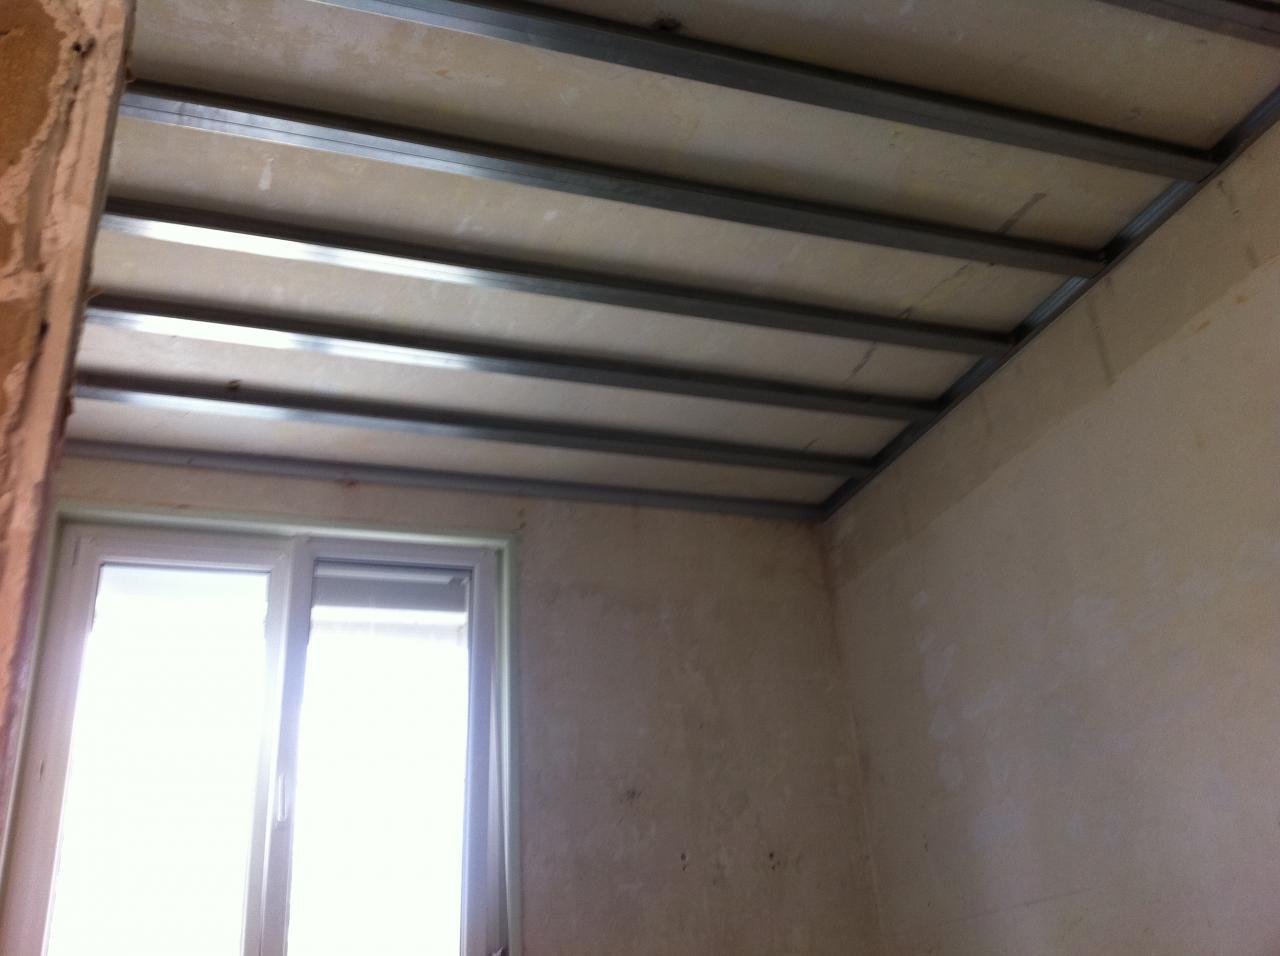 Quelle rail pour faux plafond isolation id es - Isolation faux plafond ...